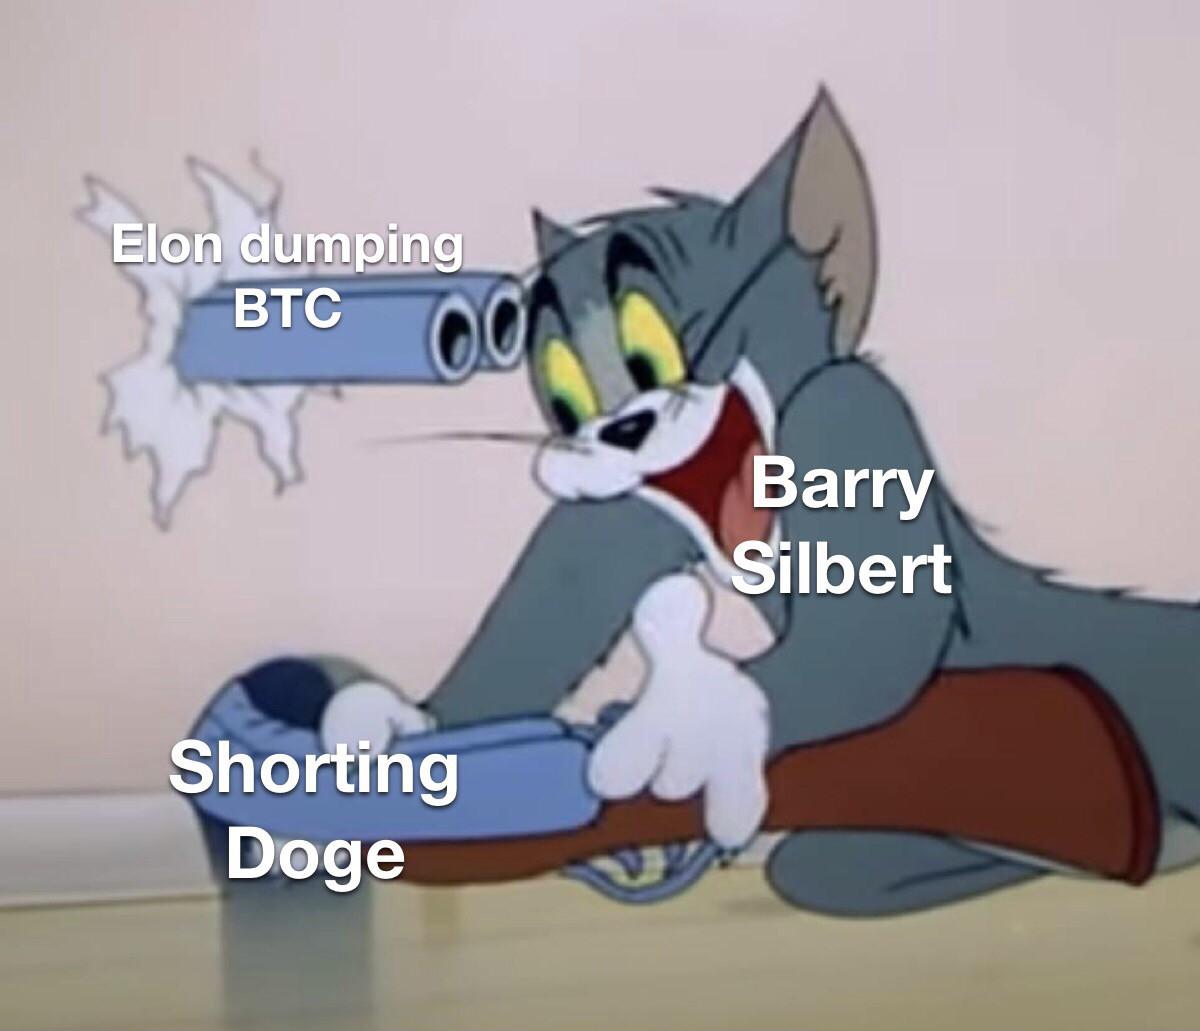 Barry Silbert dogecoin meme